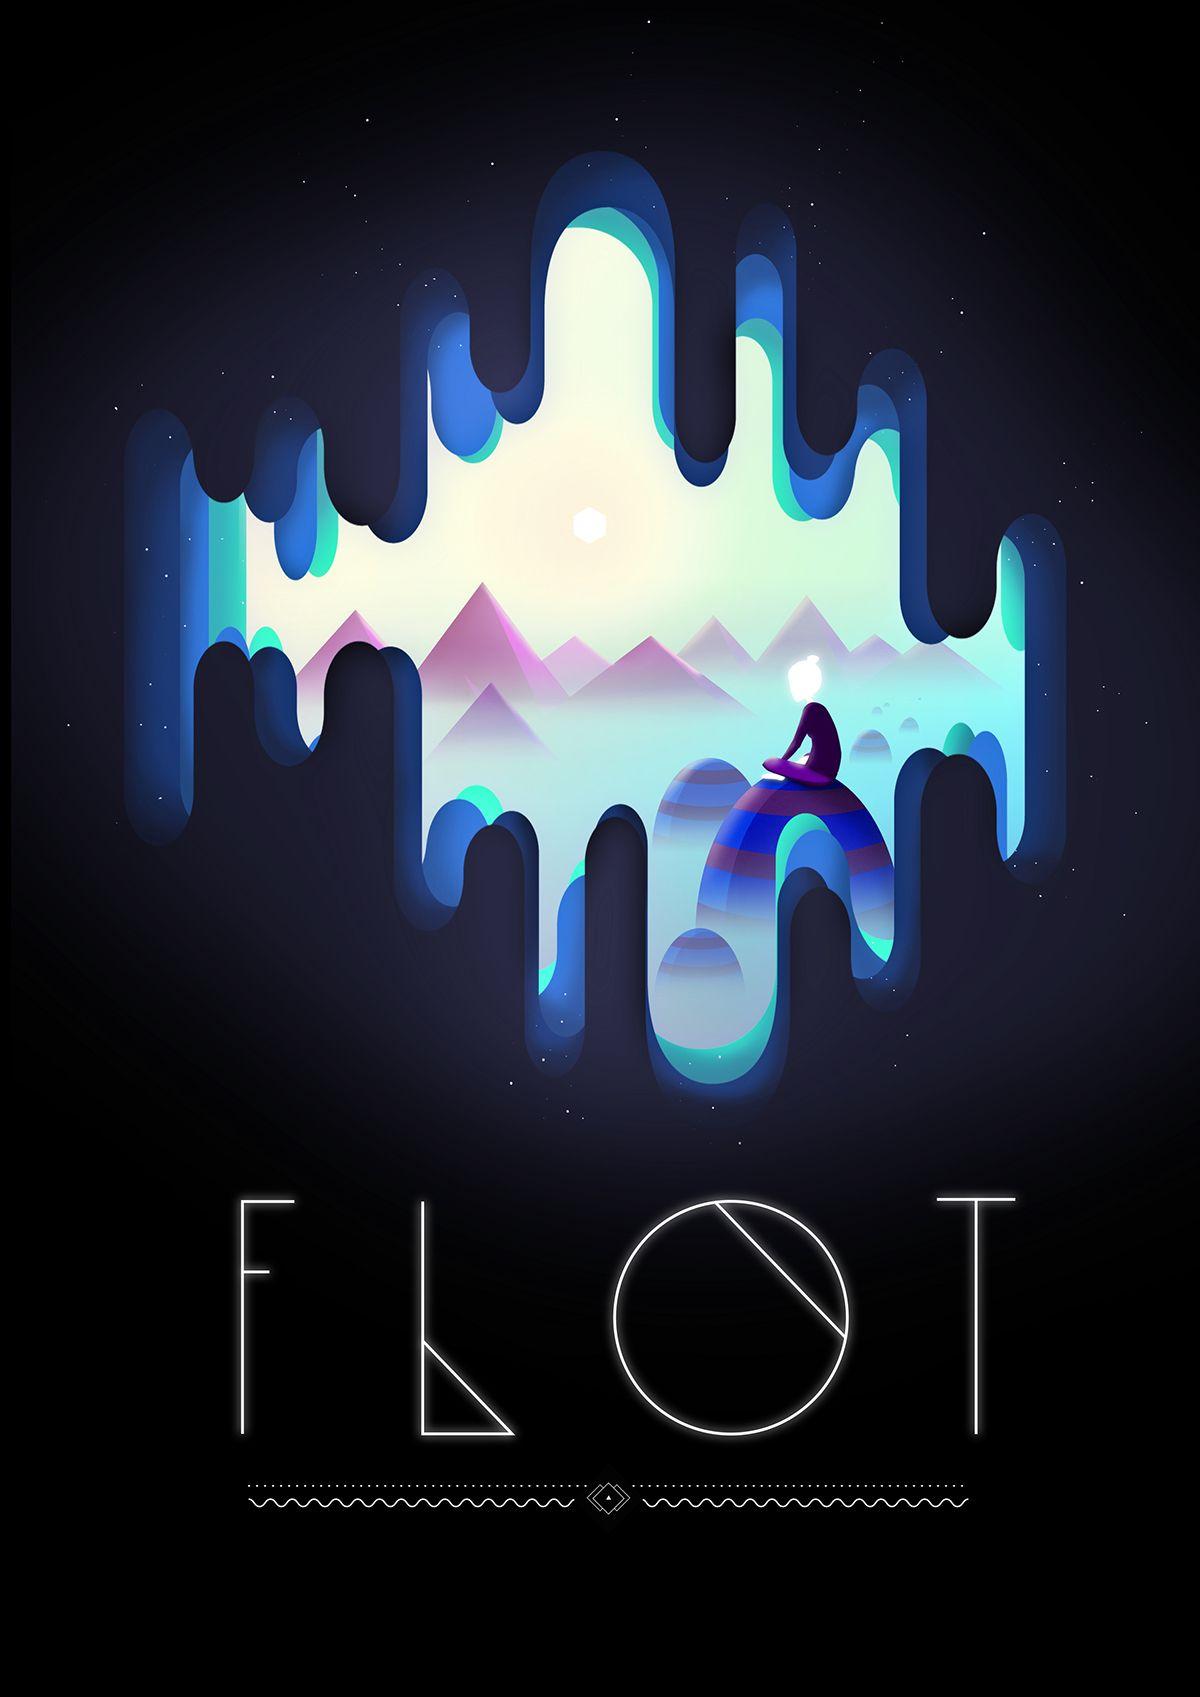 flot on